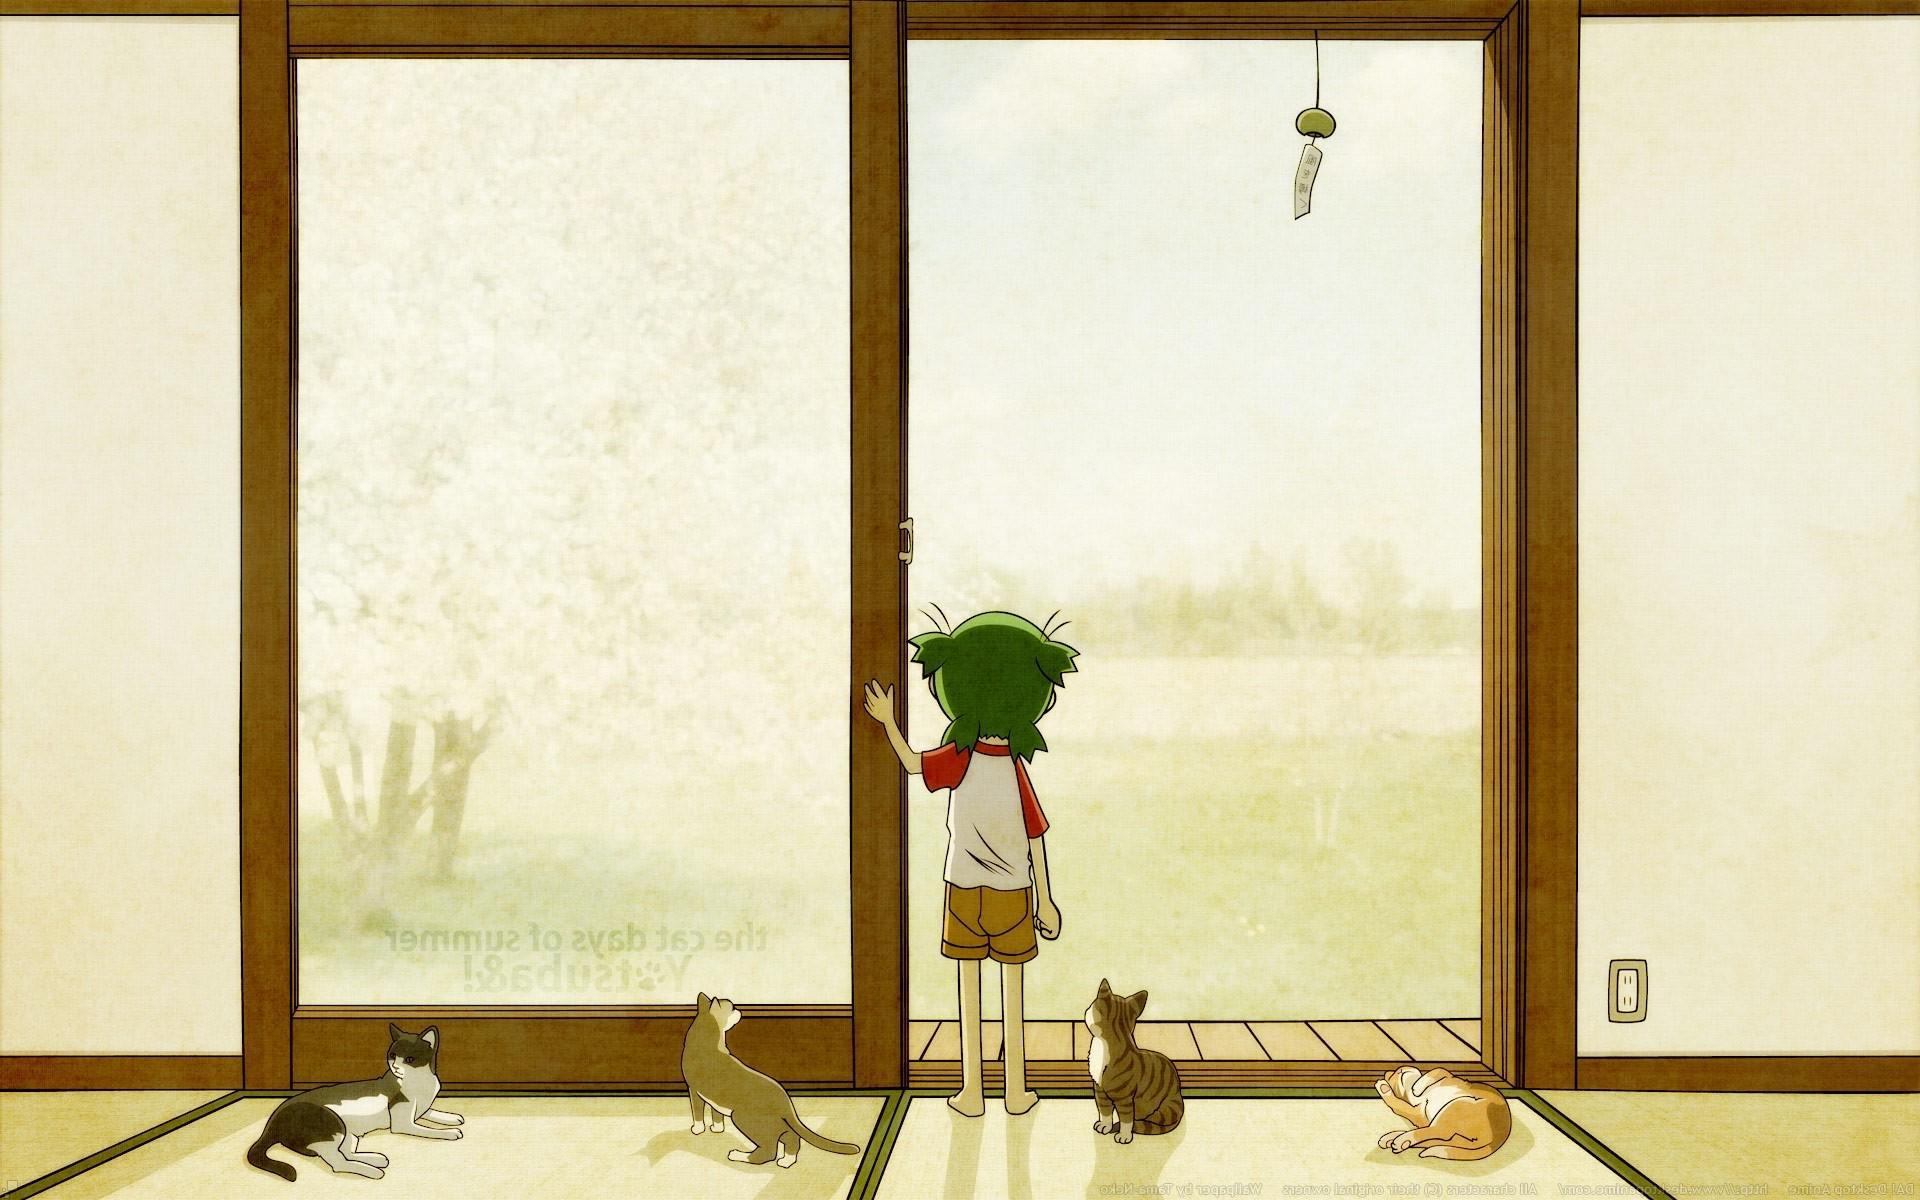 La Peinture Chat Fenêtre Anime Chambre Mur Verre Yotsubato Design  Du0027intérieur Mural Conception Fond